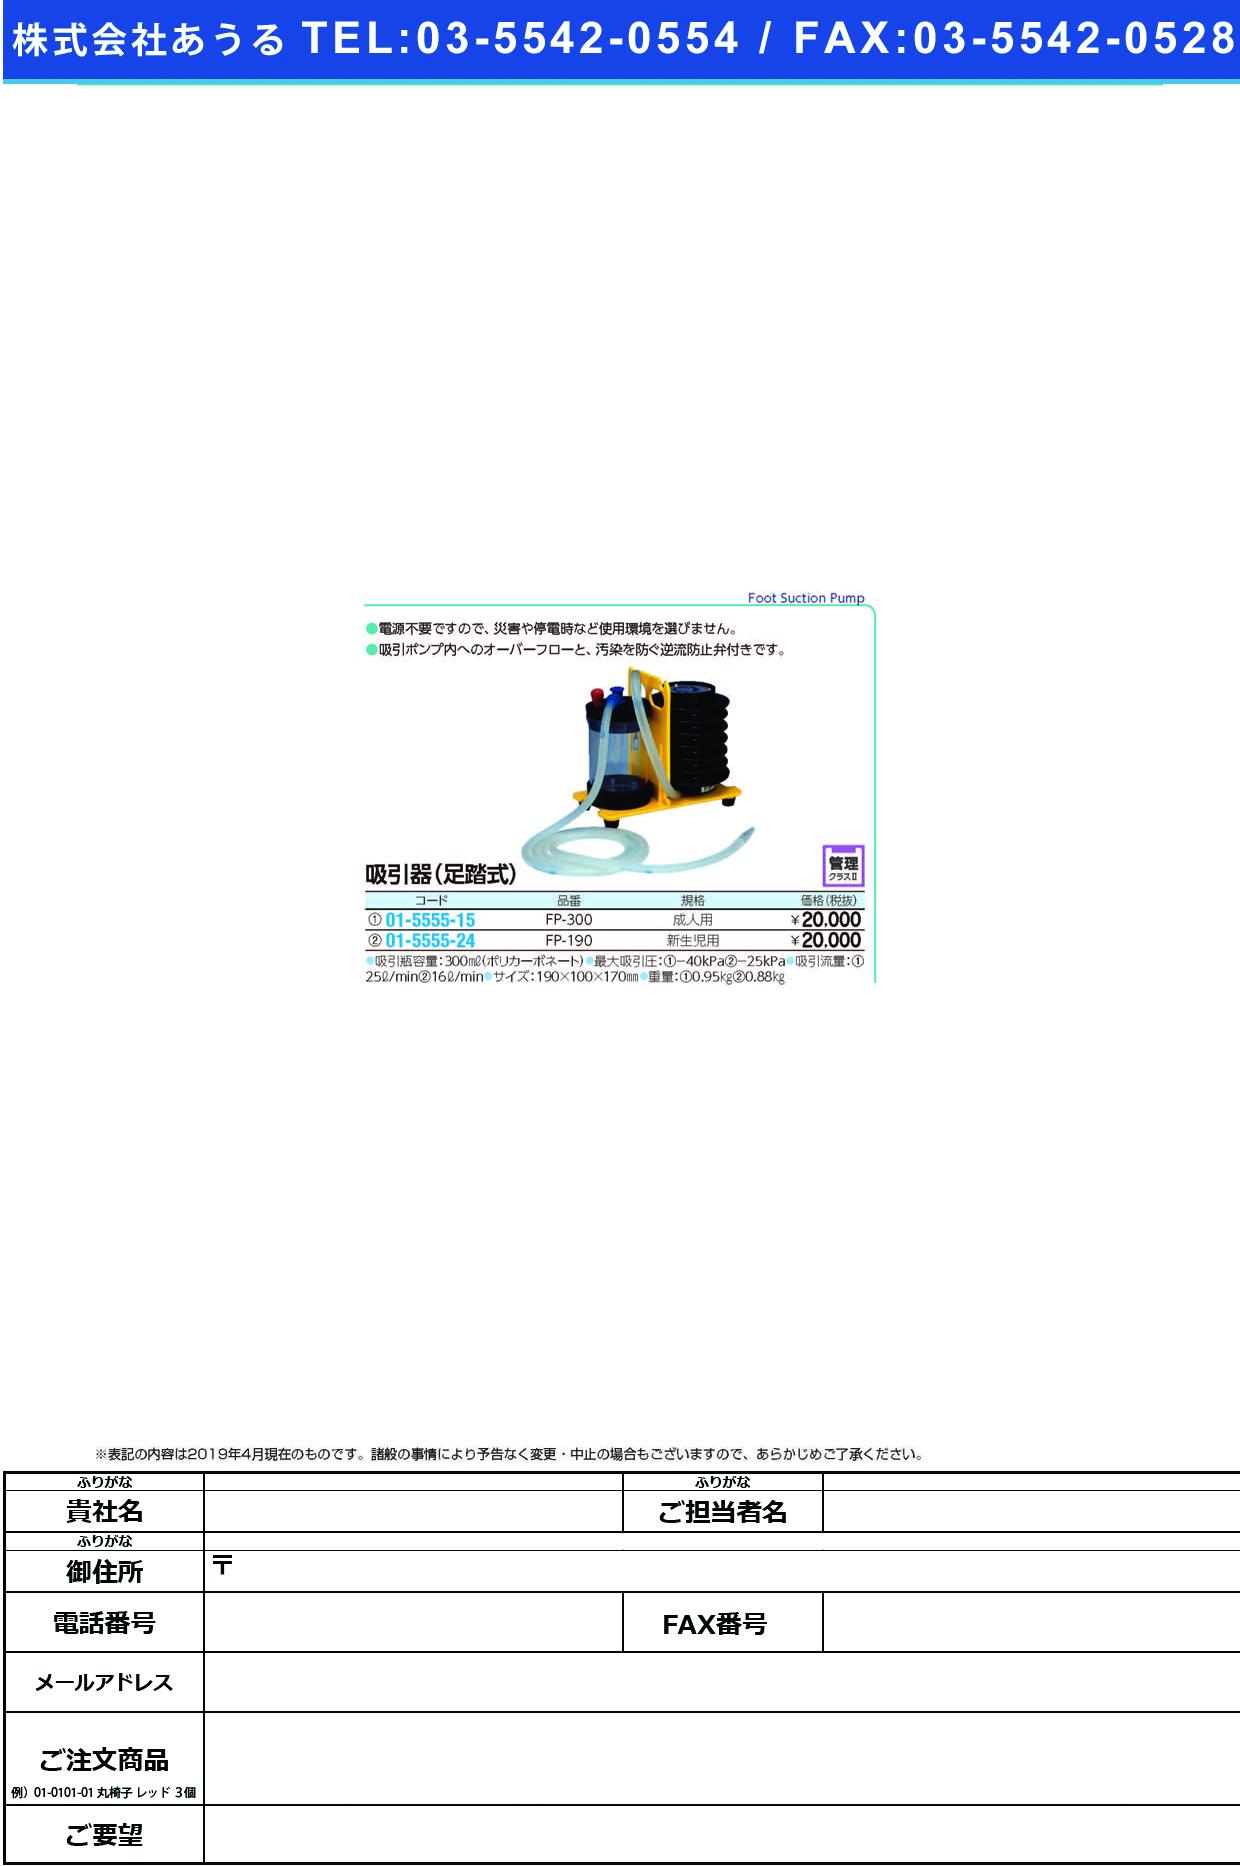 (01-5555-15)足踏式吸引器(成人用) FP-300 アシブミシキキュウインキ(セイジン)(ブルークロス・エマージェンシー)【1台単位】【2019年カタログ商品】